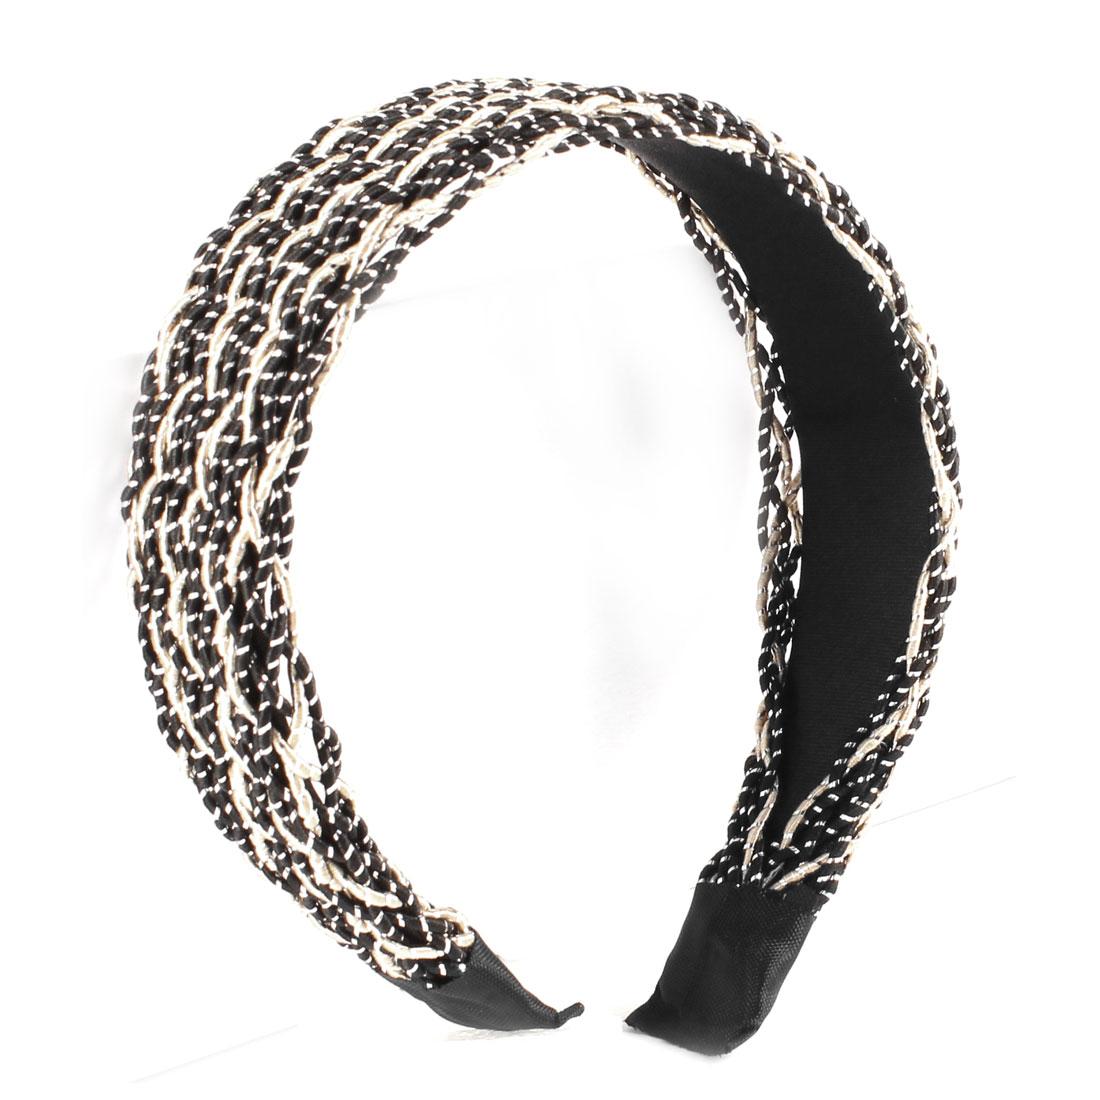 Nylon Mesh Covered Wide Hair Hoop Hairband Black for Women